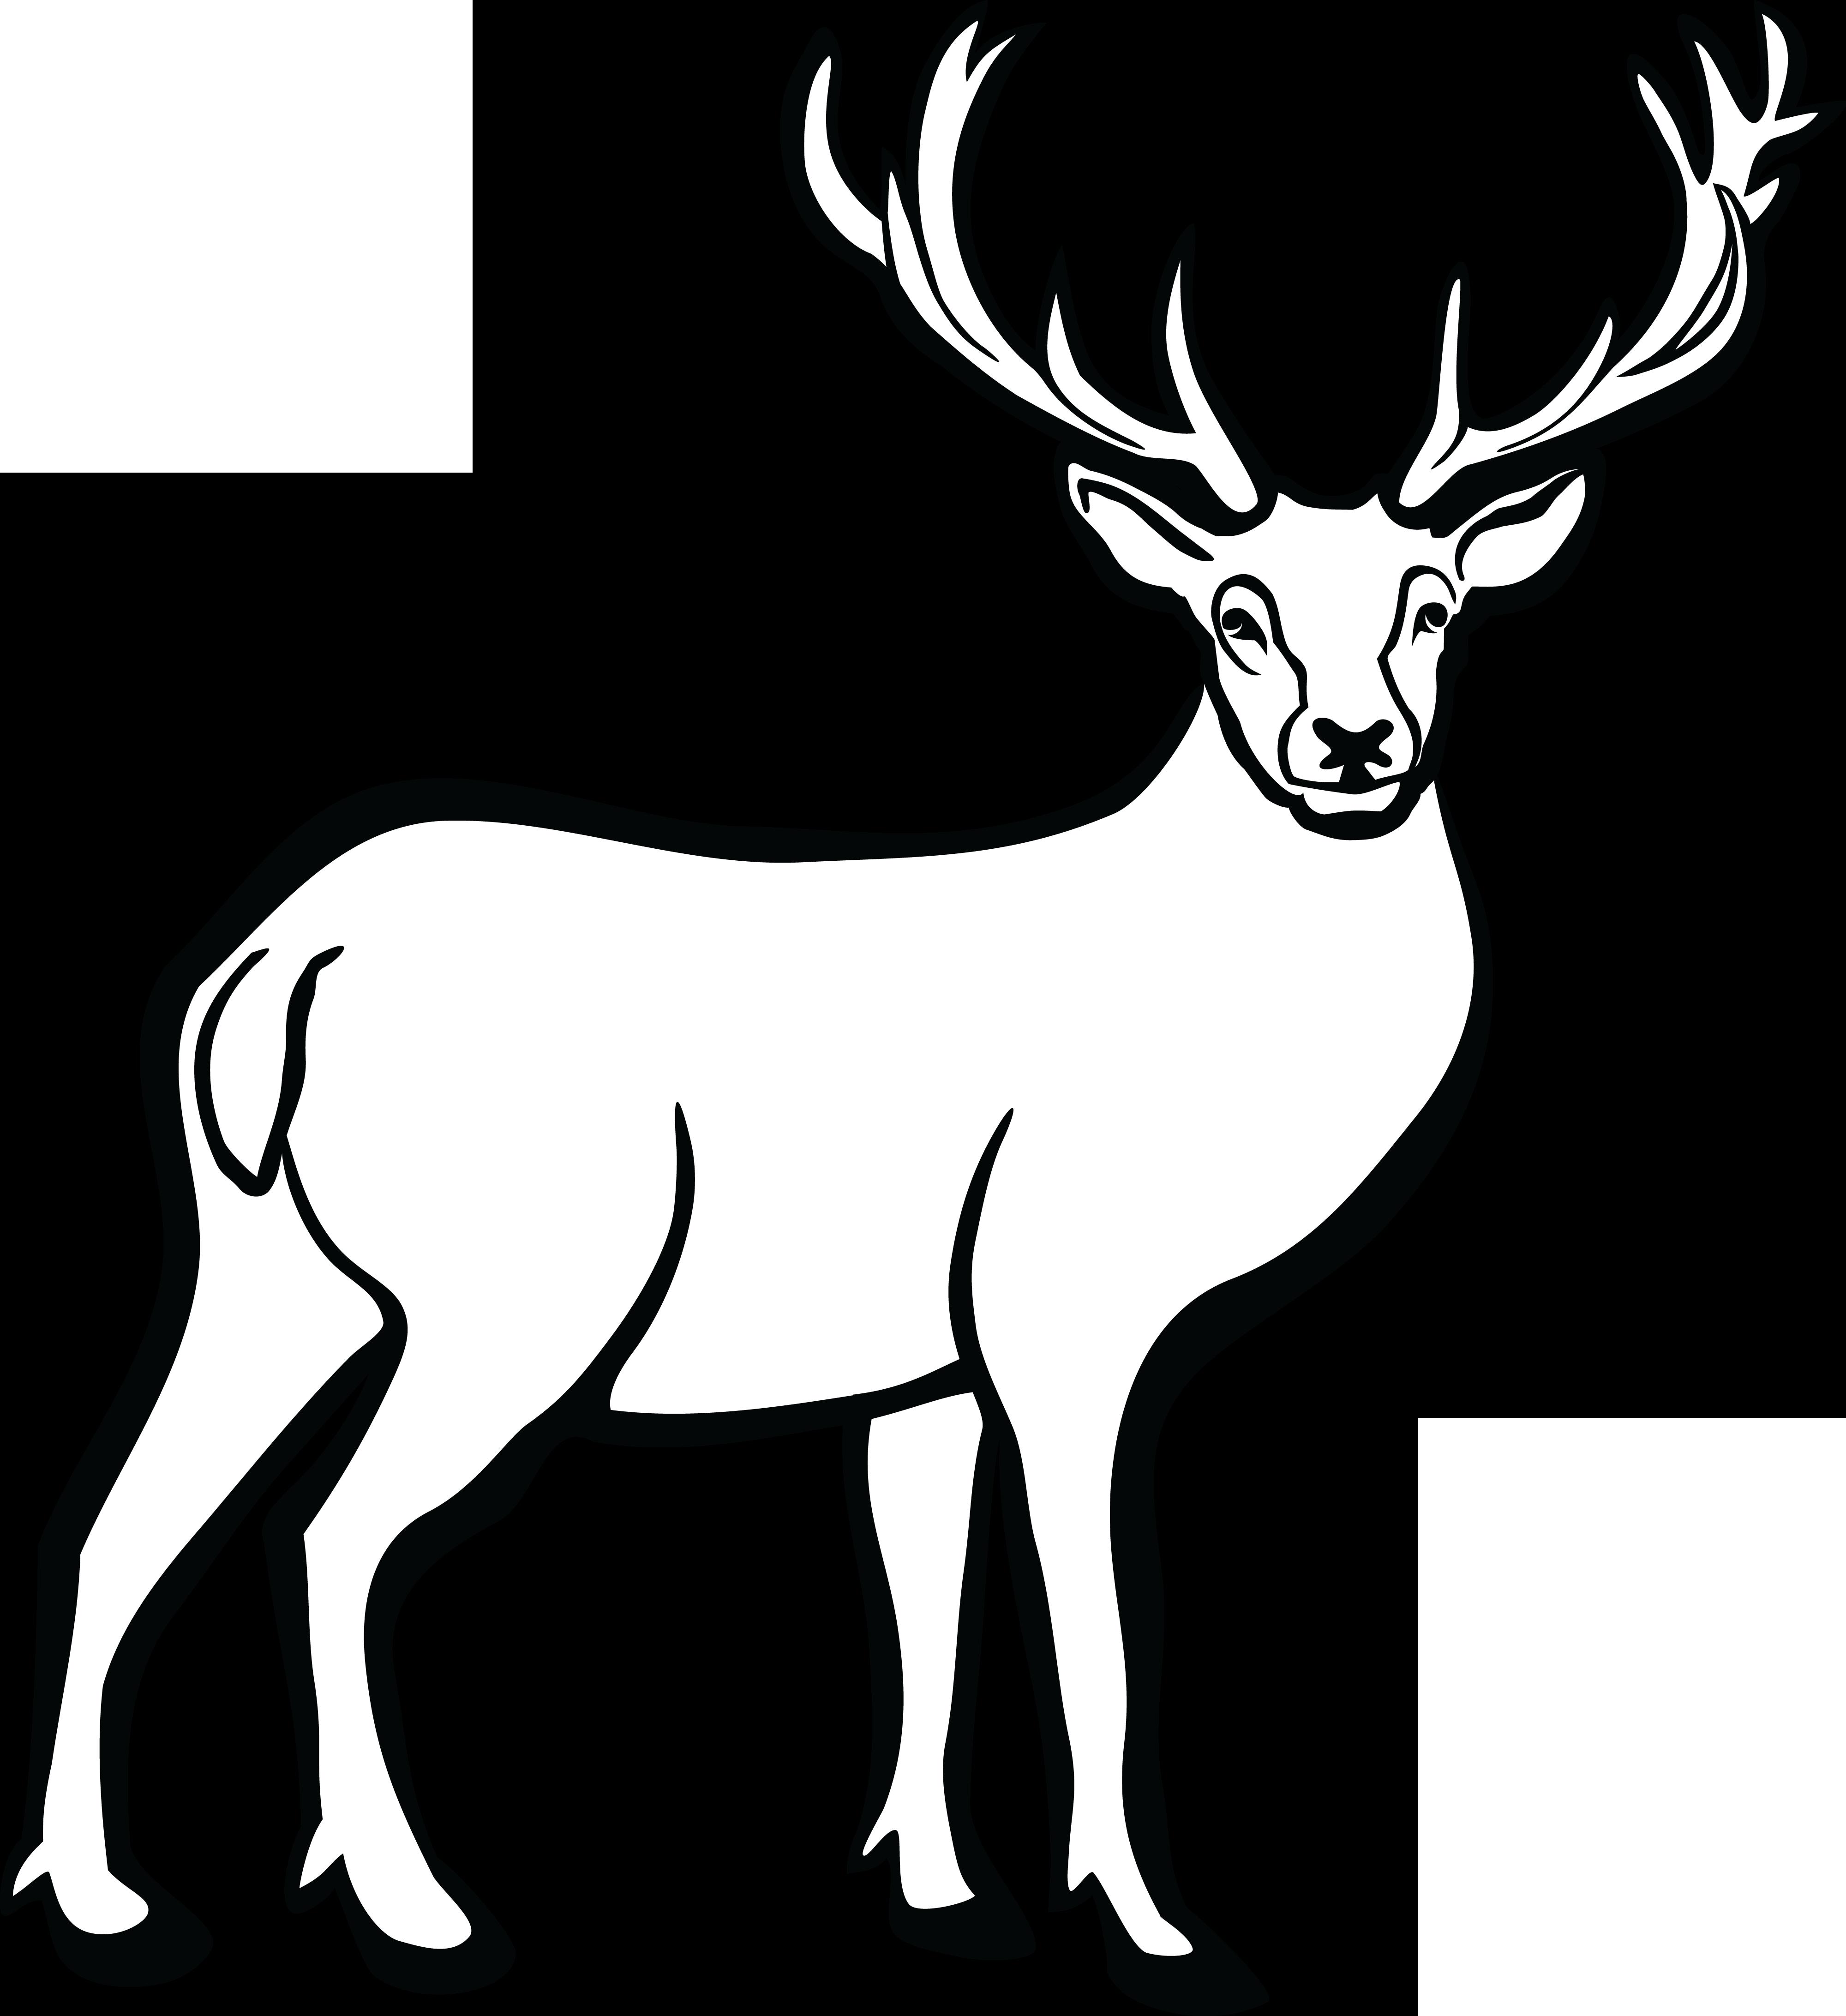 Free Clipart Of A buck deer #00011476 .